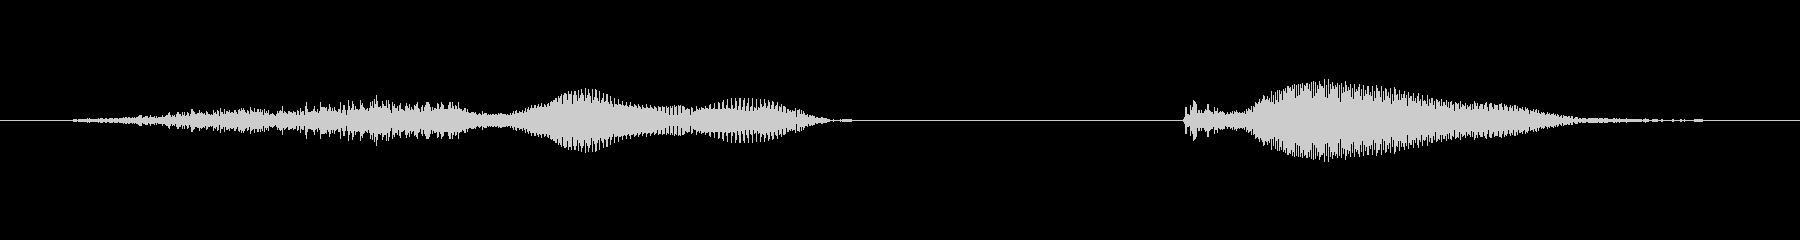 ショックの未再生の波形